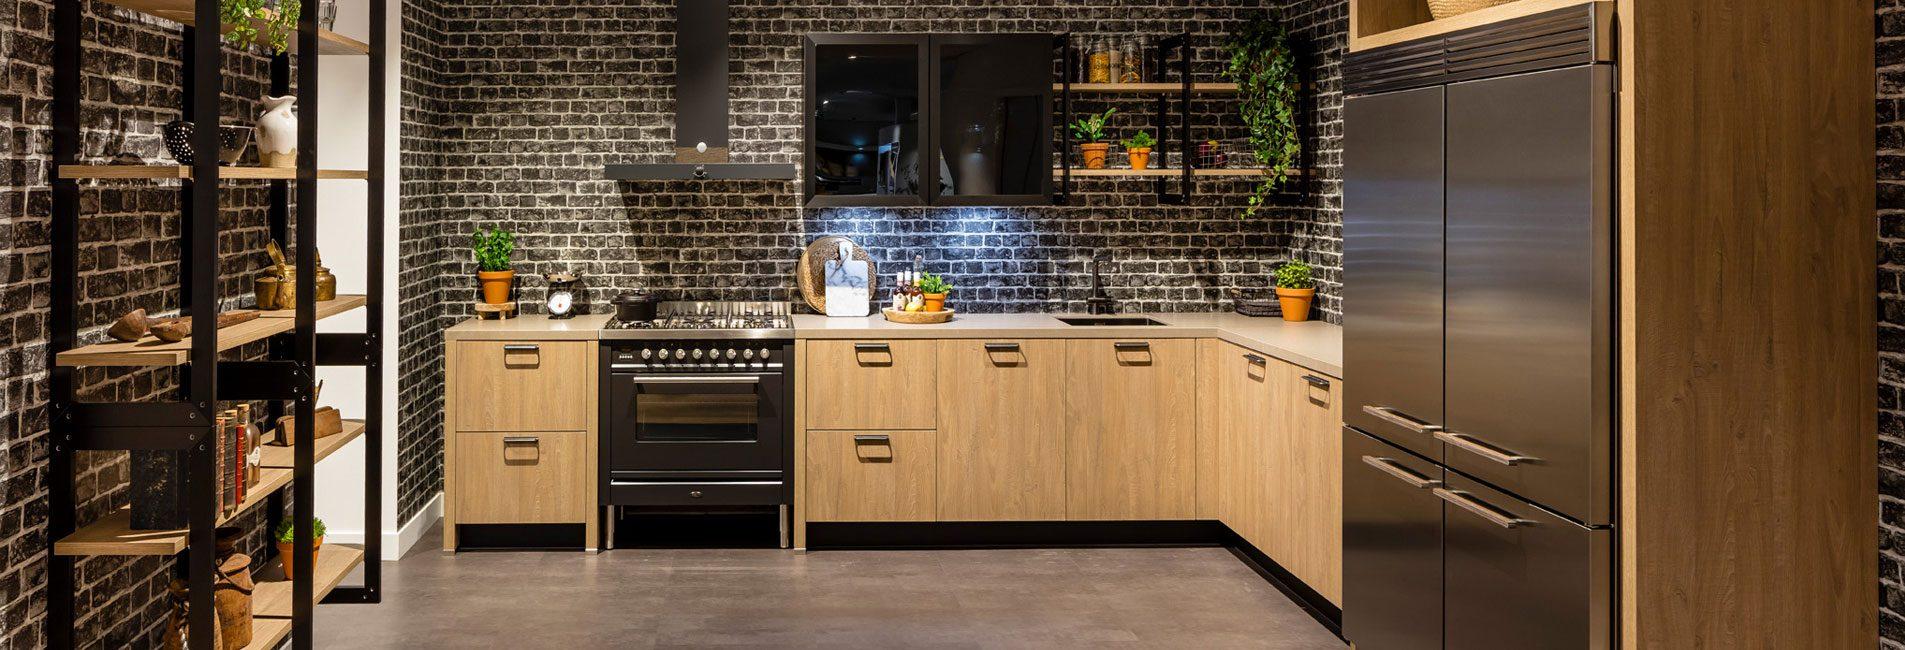 Houten Keukens Maatwerk Keukens Van Hout In Vele Houtsoorten